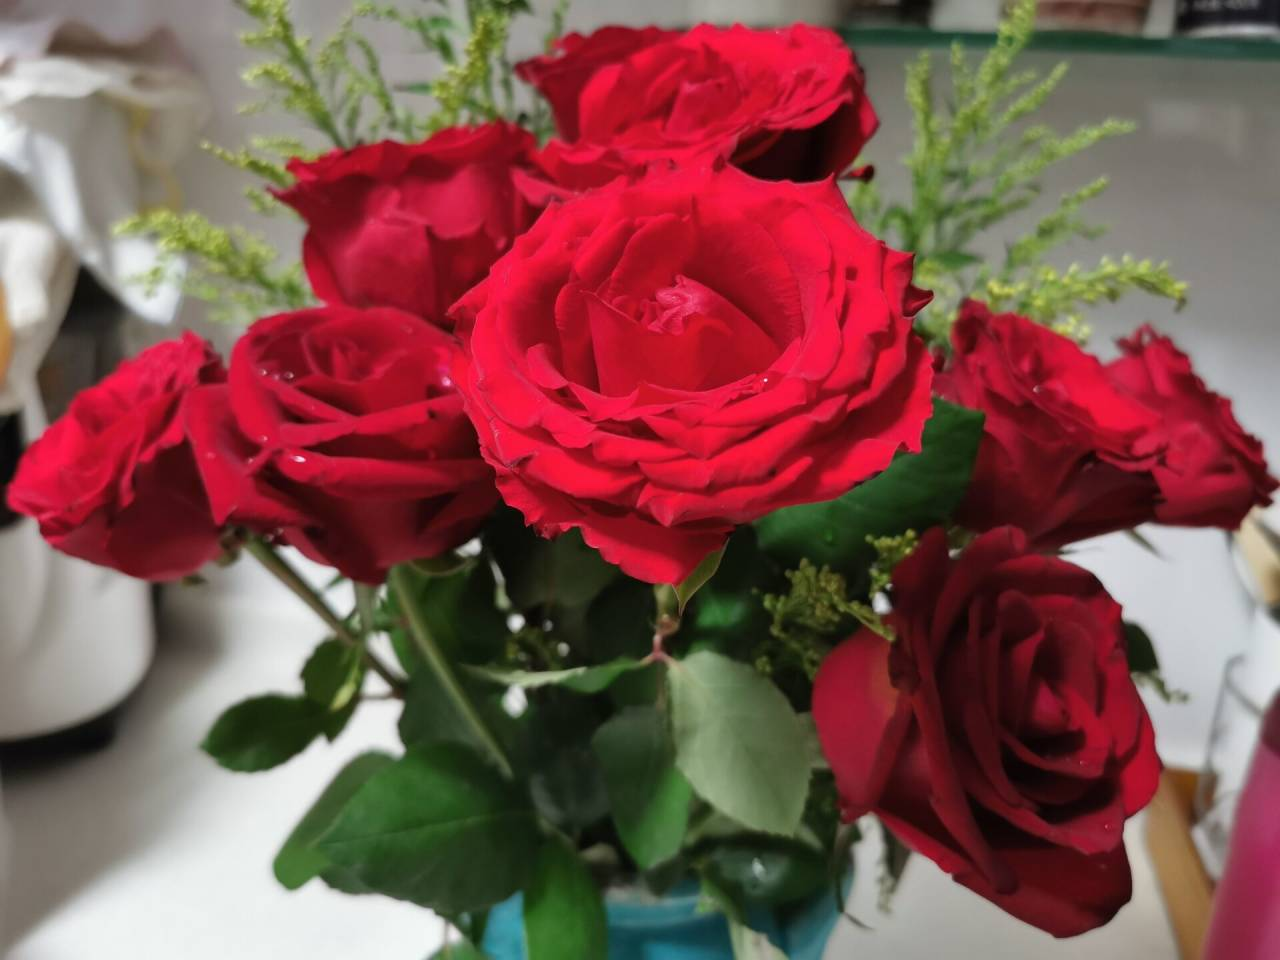 看花老眼之瓶中玫瑰6.jpg